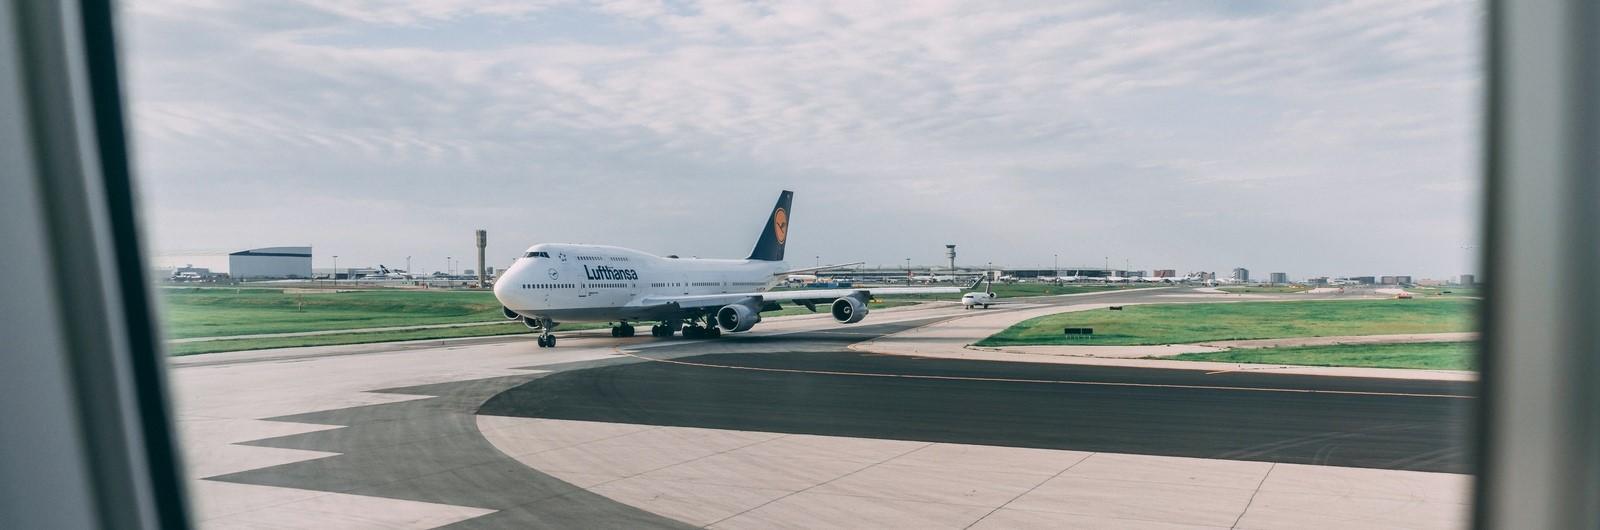 airport generic 9